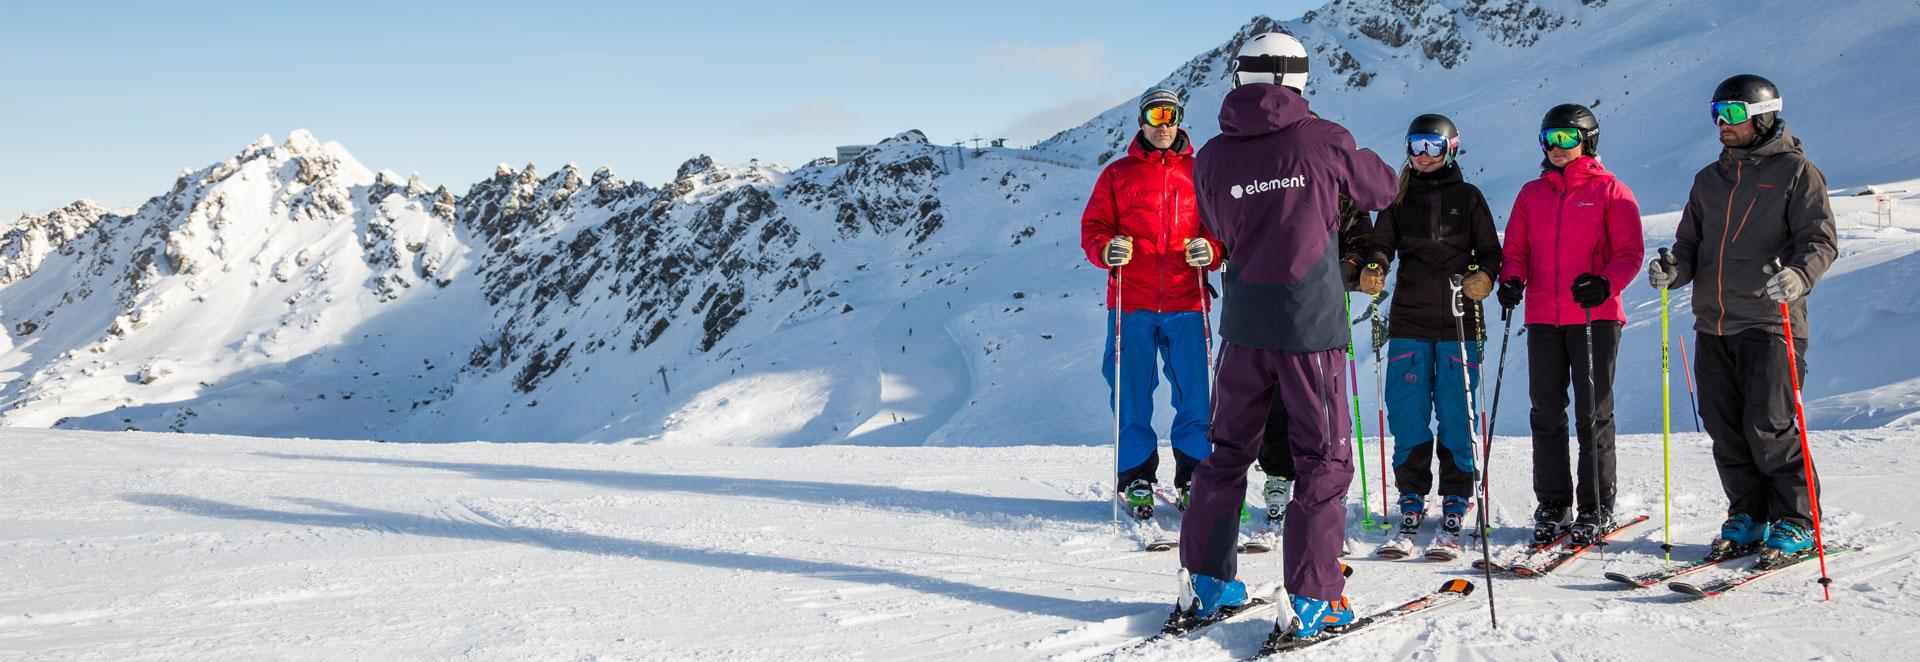 Ski Instructor Wages Basi Ski Instructor Training Courses Peak Leaders